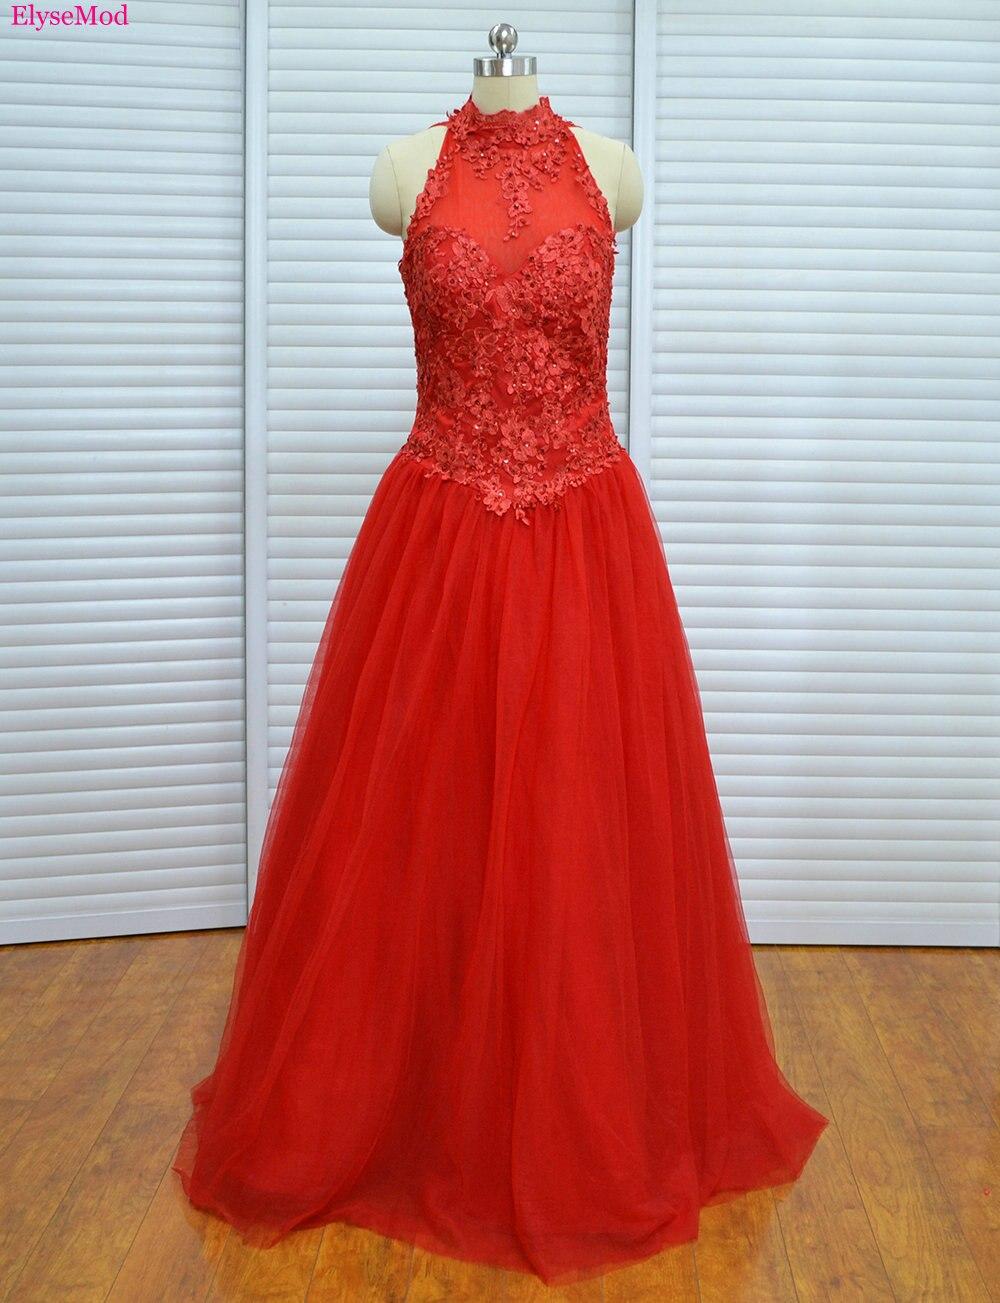 Pas cher Photo réelle col haut robes 2017 Debutante douce 16 à lacets robes de princesse robe de bal robes de Quinceanera rouge